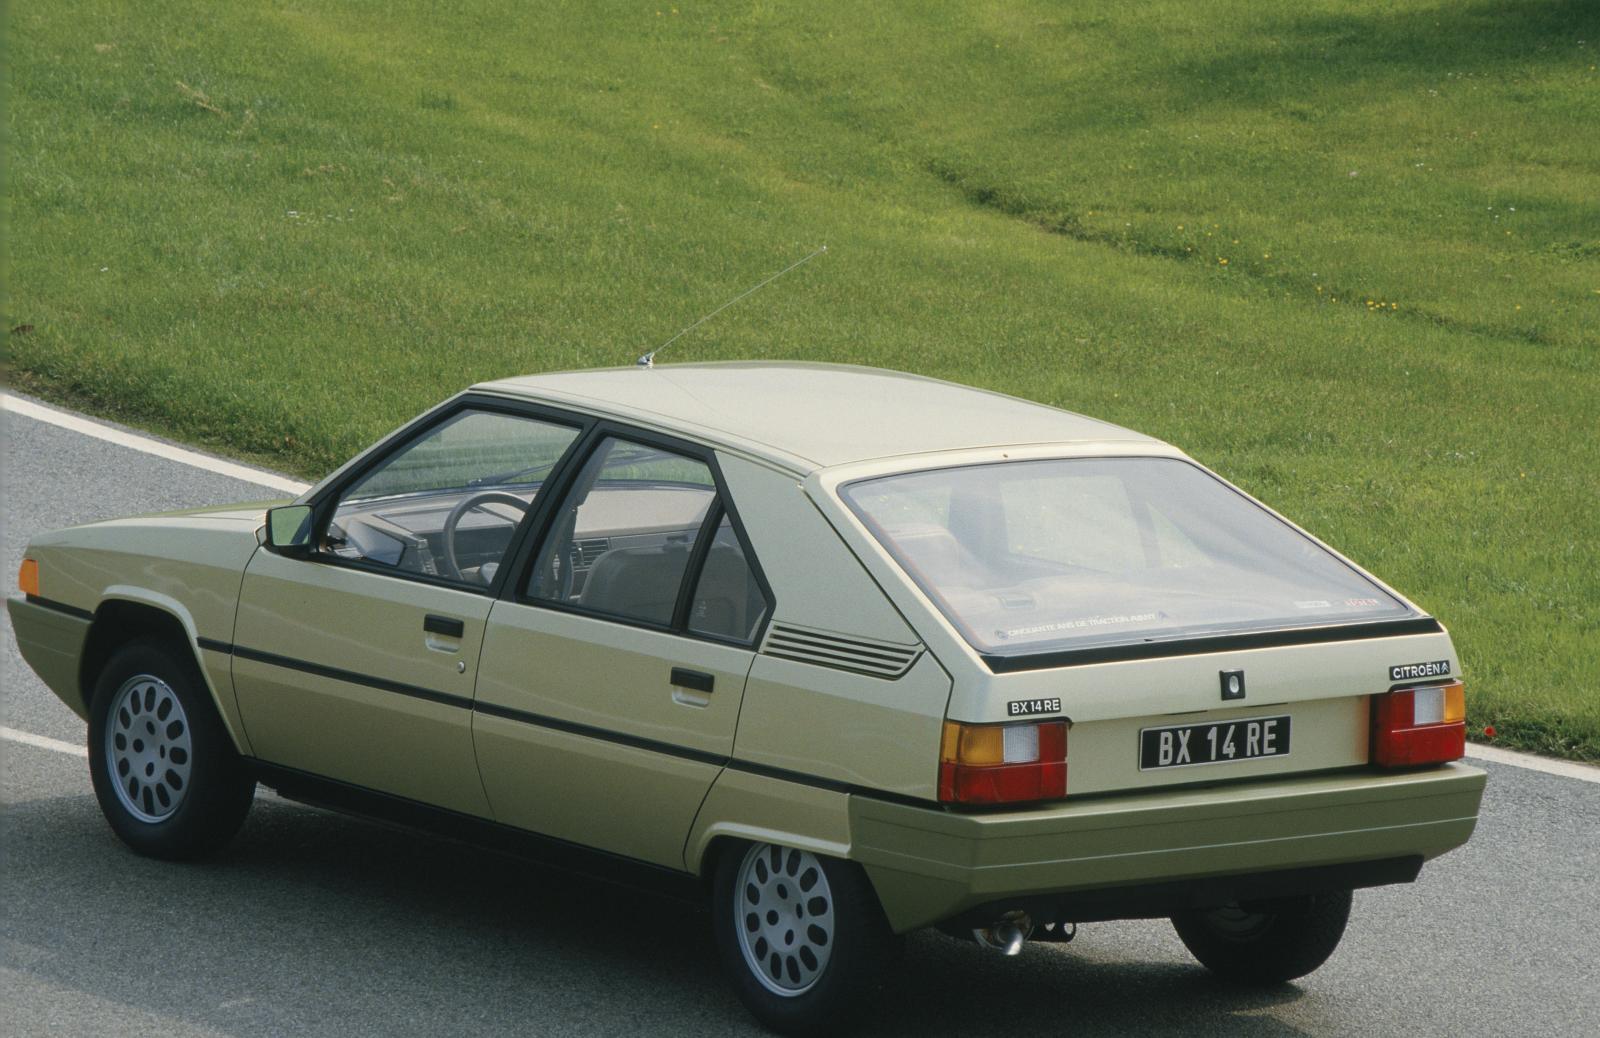 BX14 RE 1985